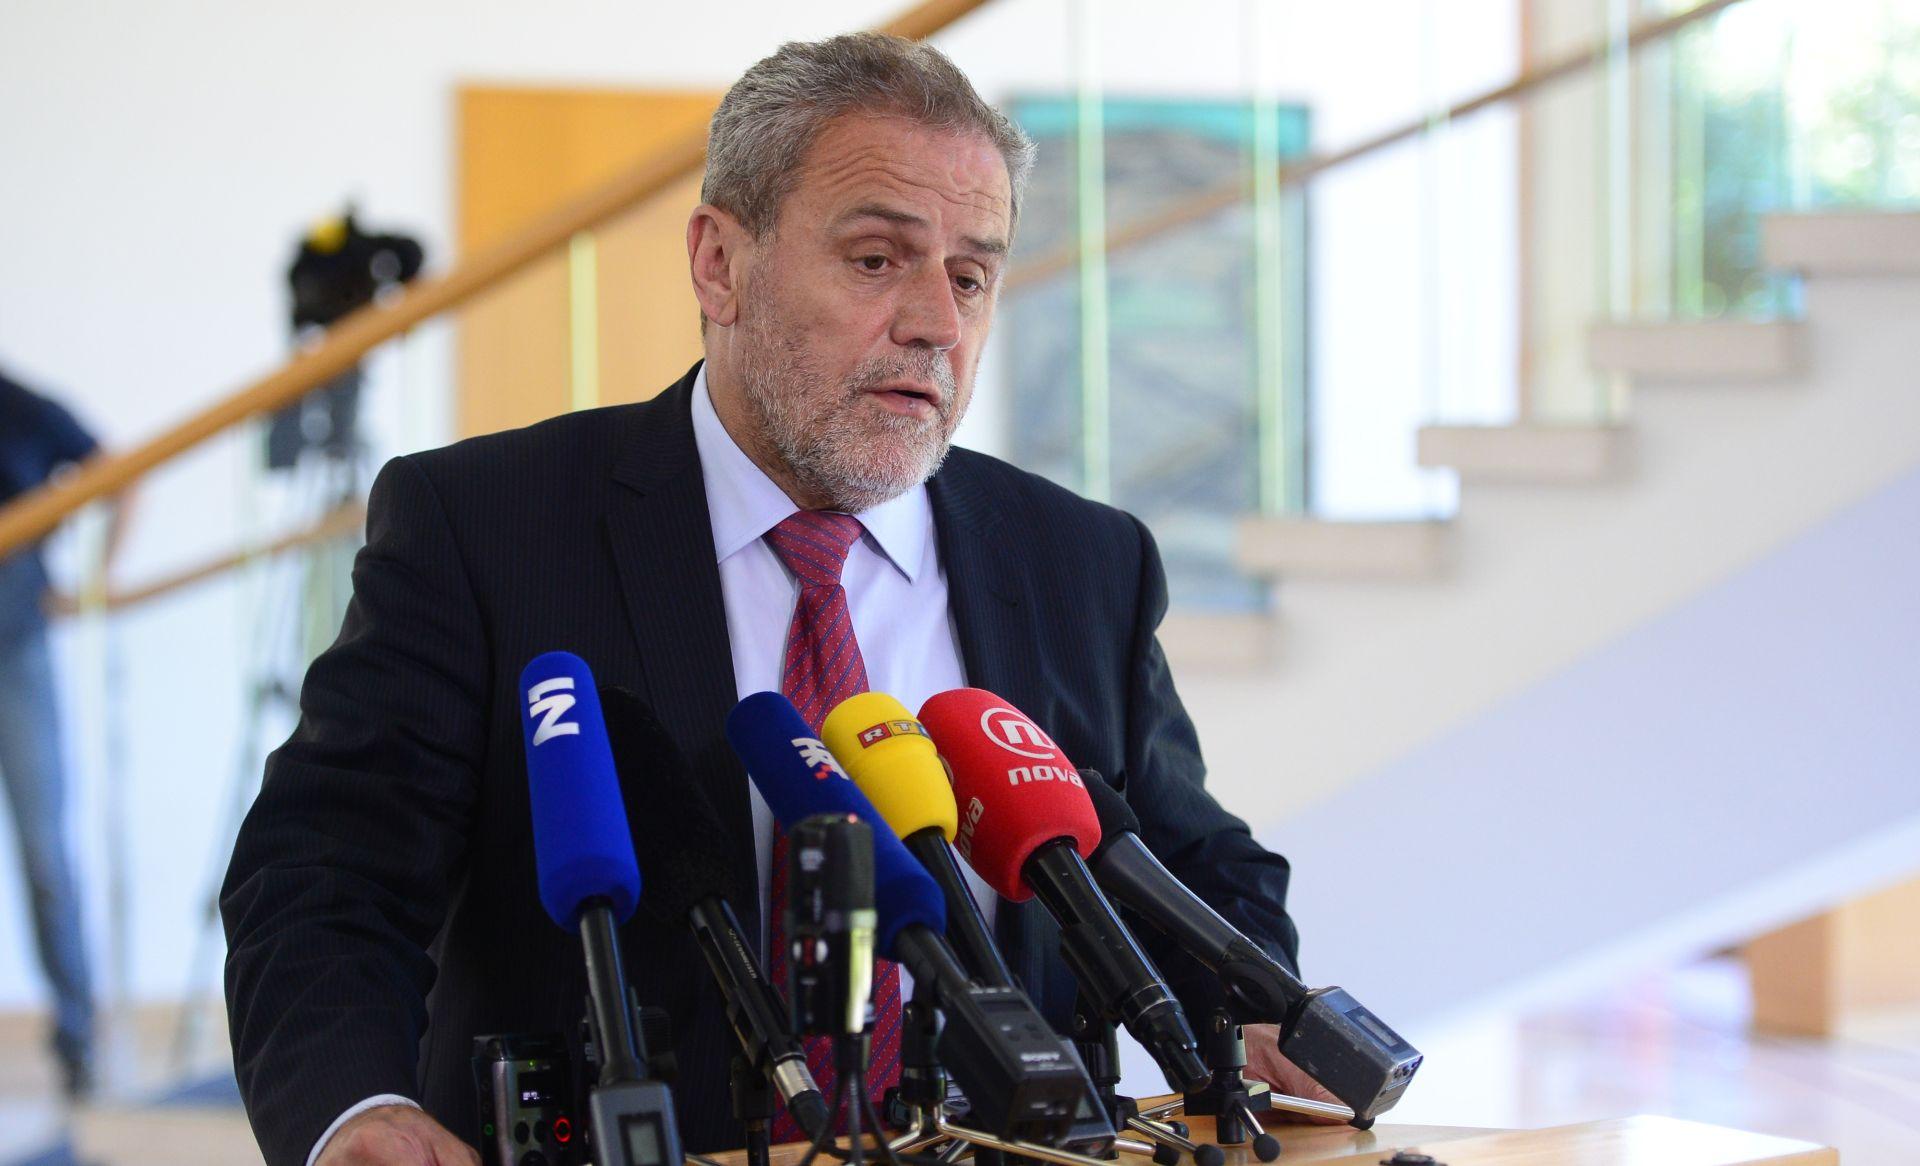 Milan Bandić kandidirat će se za premijera?